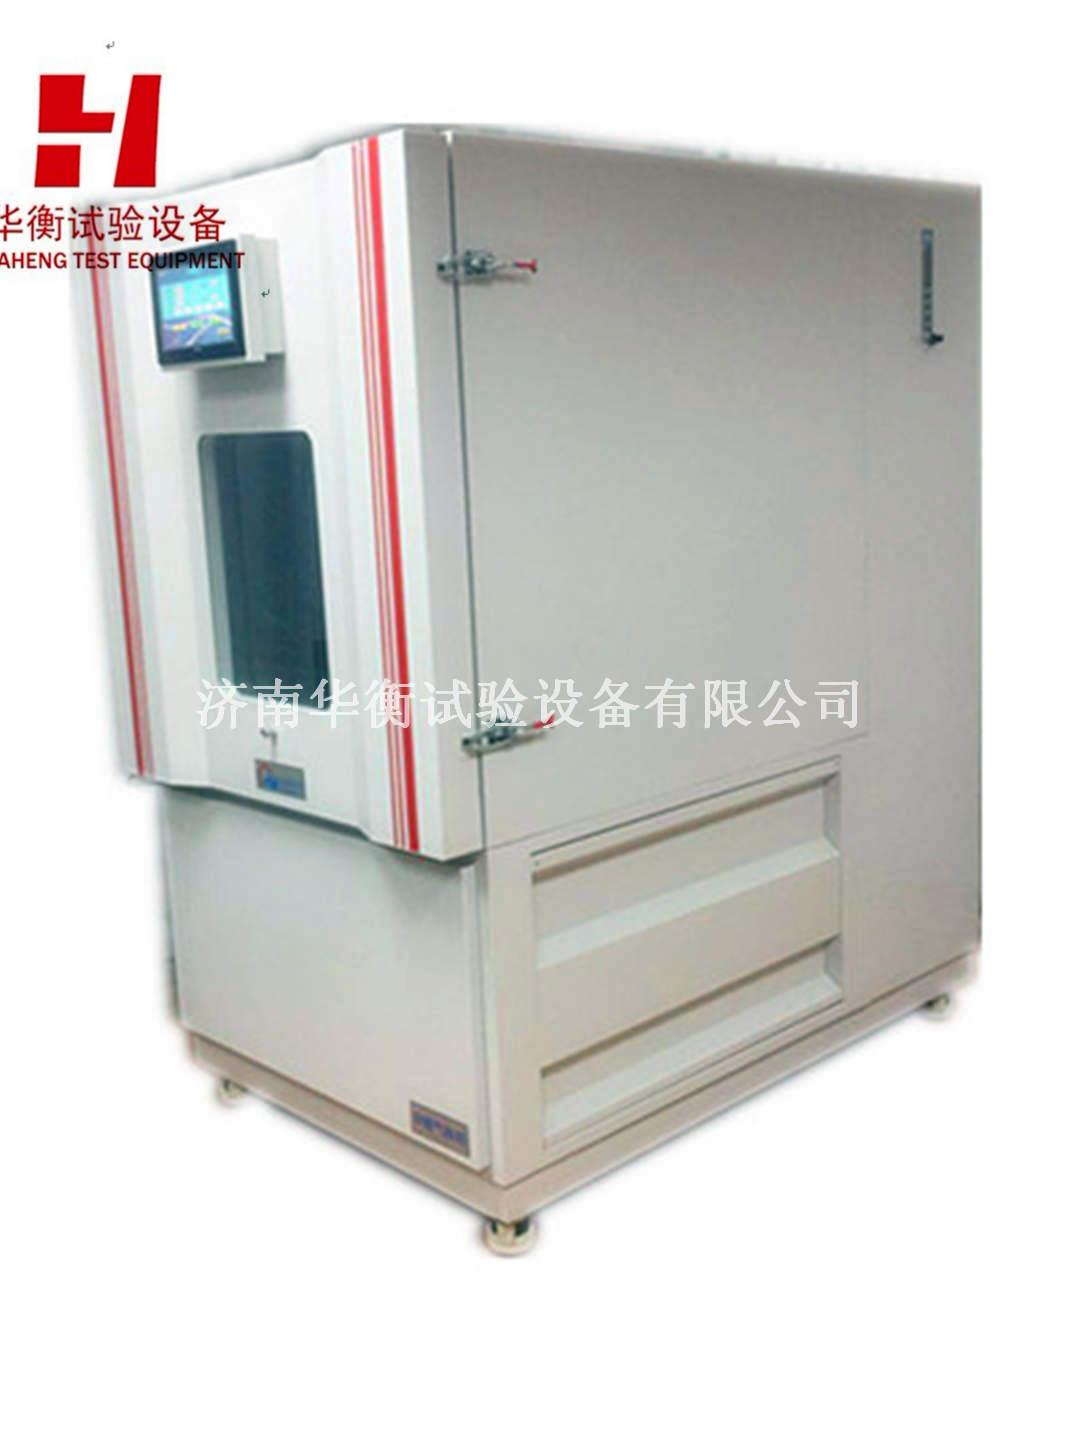 1立方米全自动人造板材甲醛释放量检测用气候箱GB18580-2017